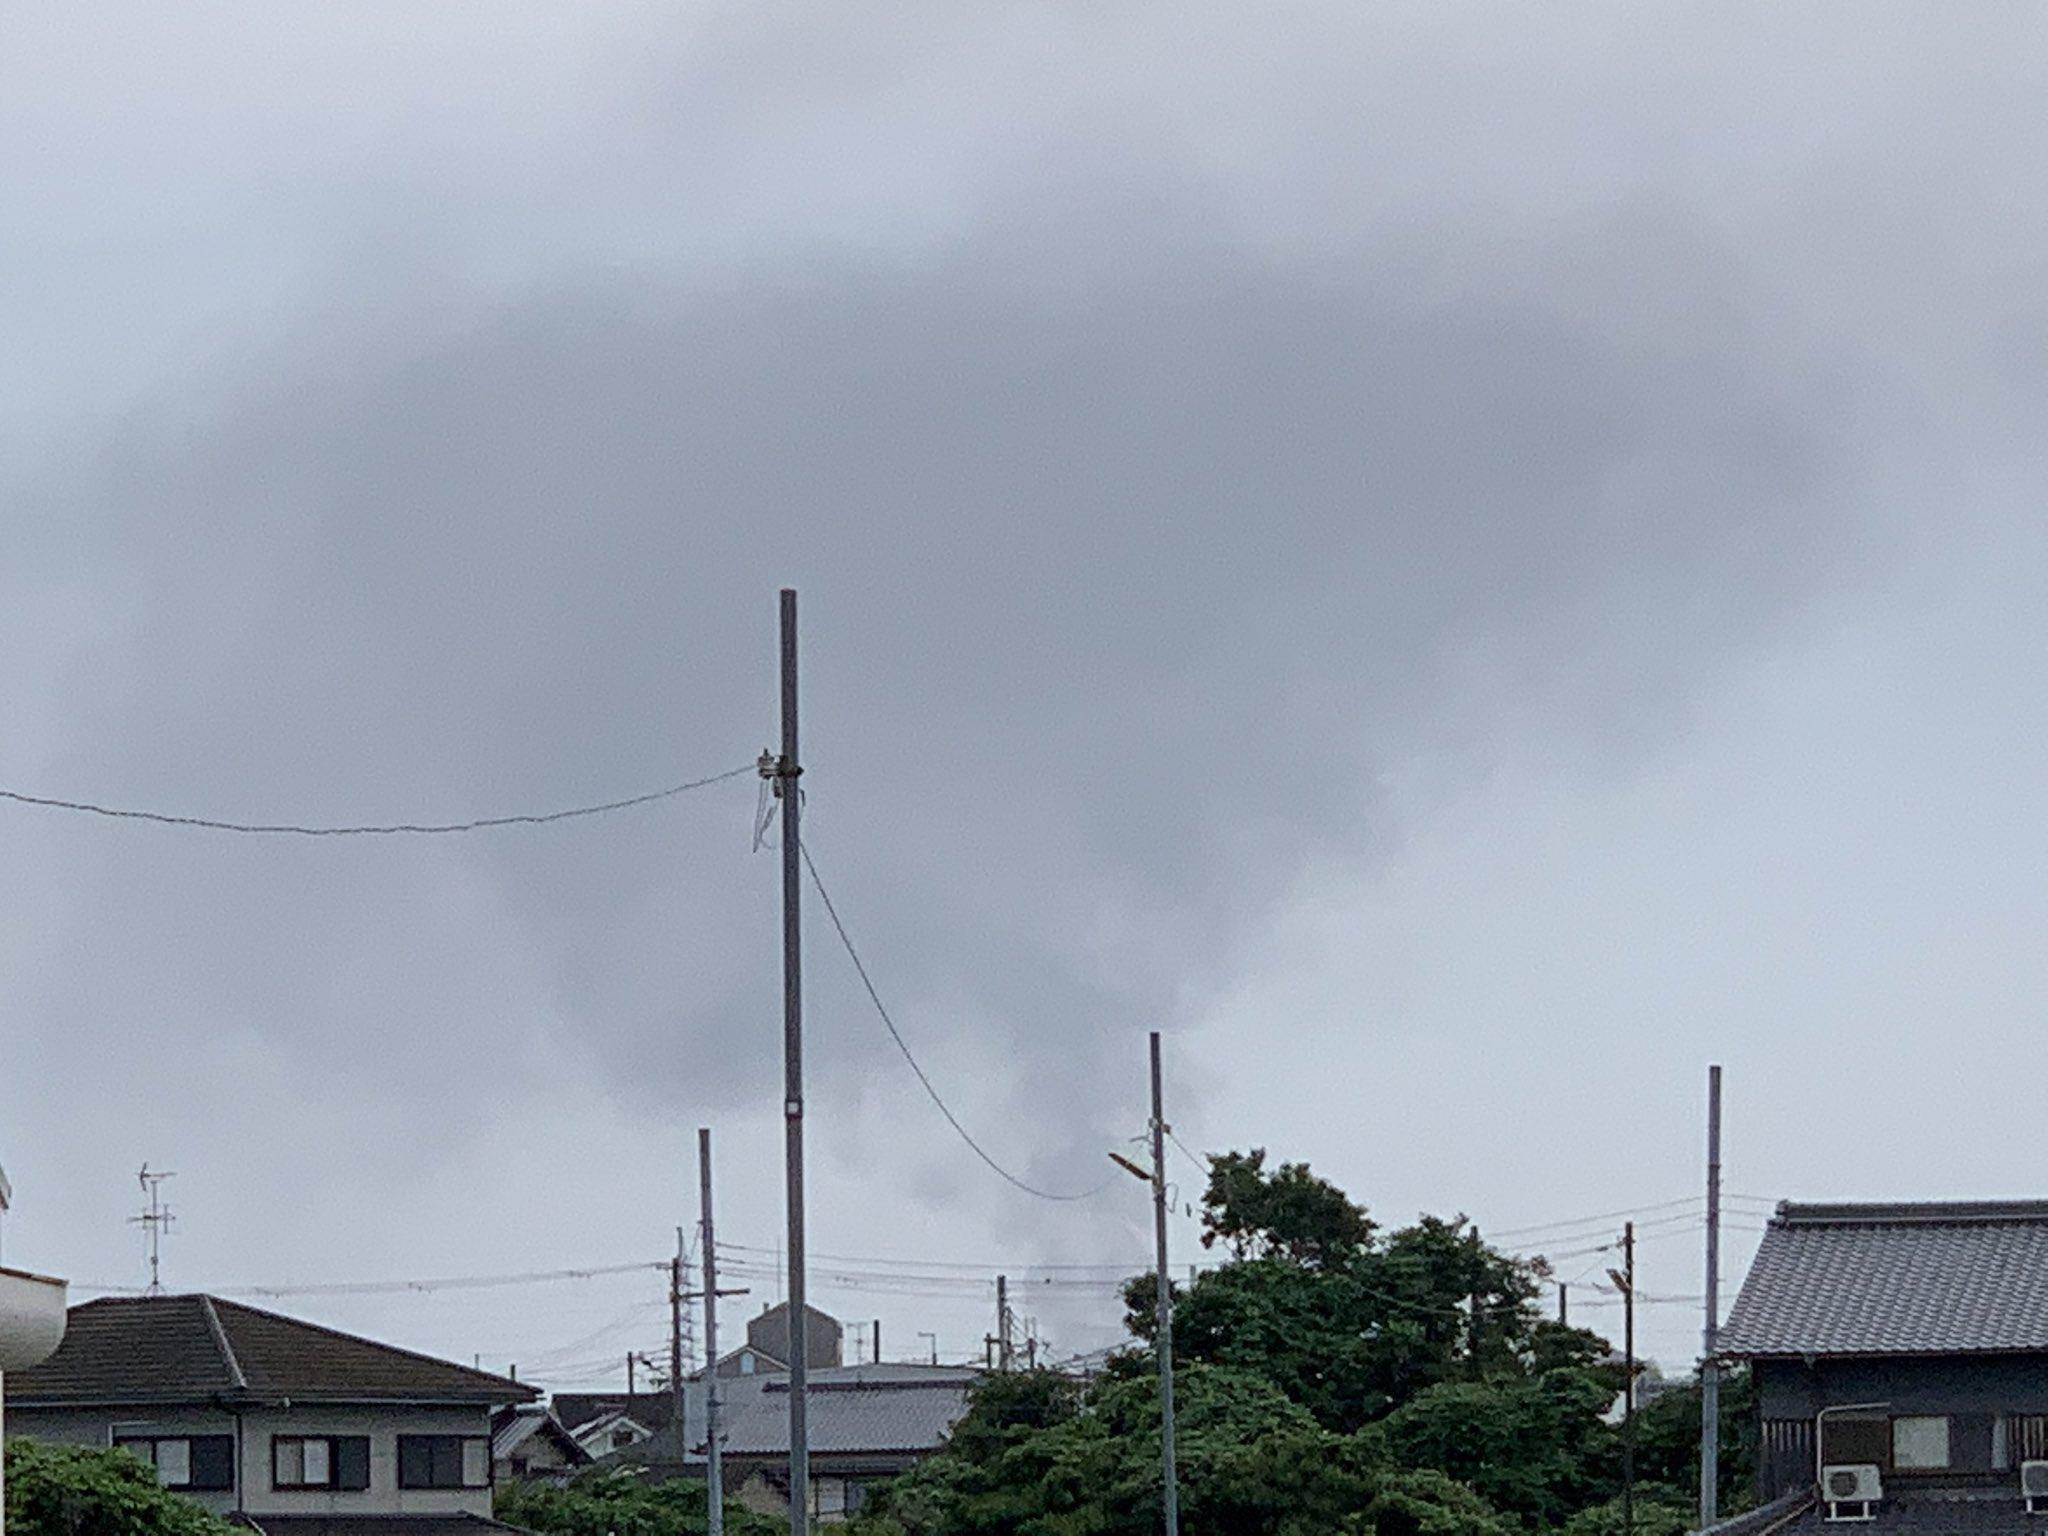 画像,大阪府泉南郡熊取町小垣内付近で火事 https://t.co/PbEH9pASNH。